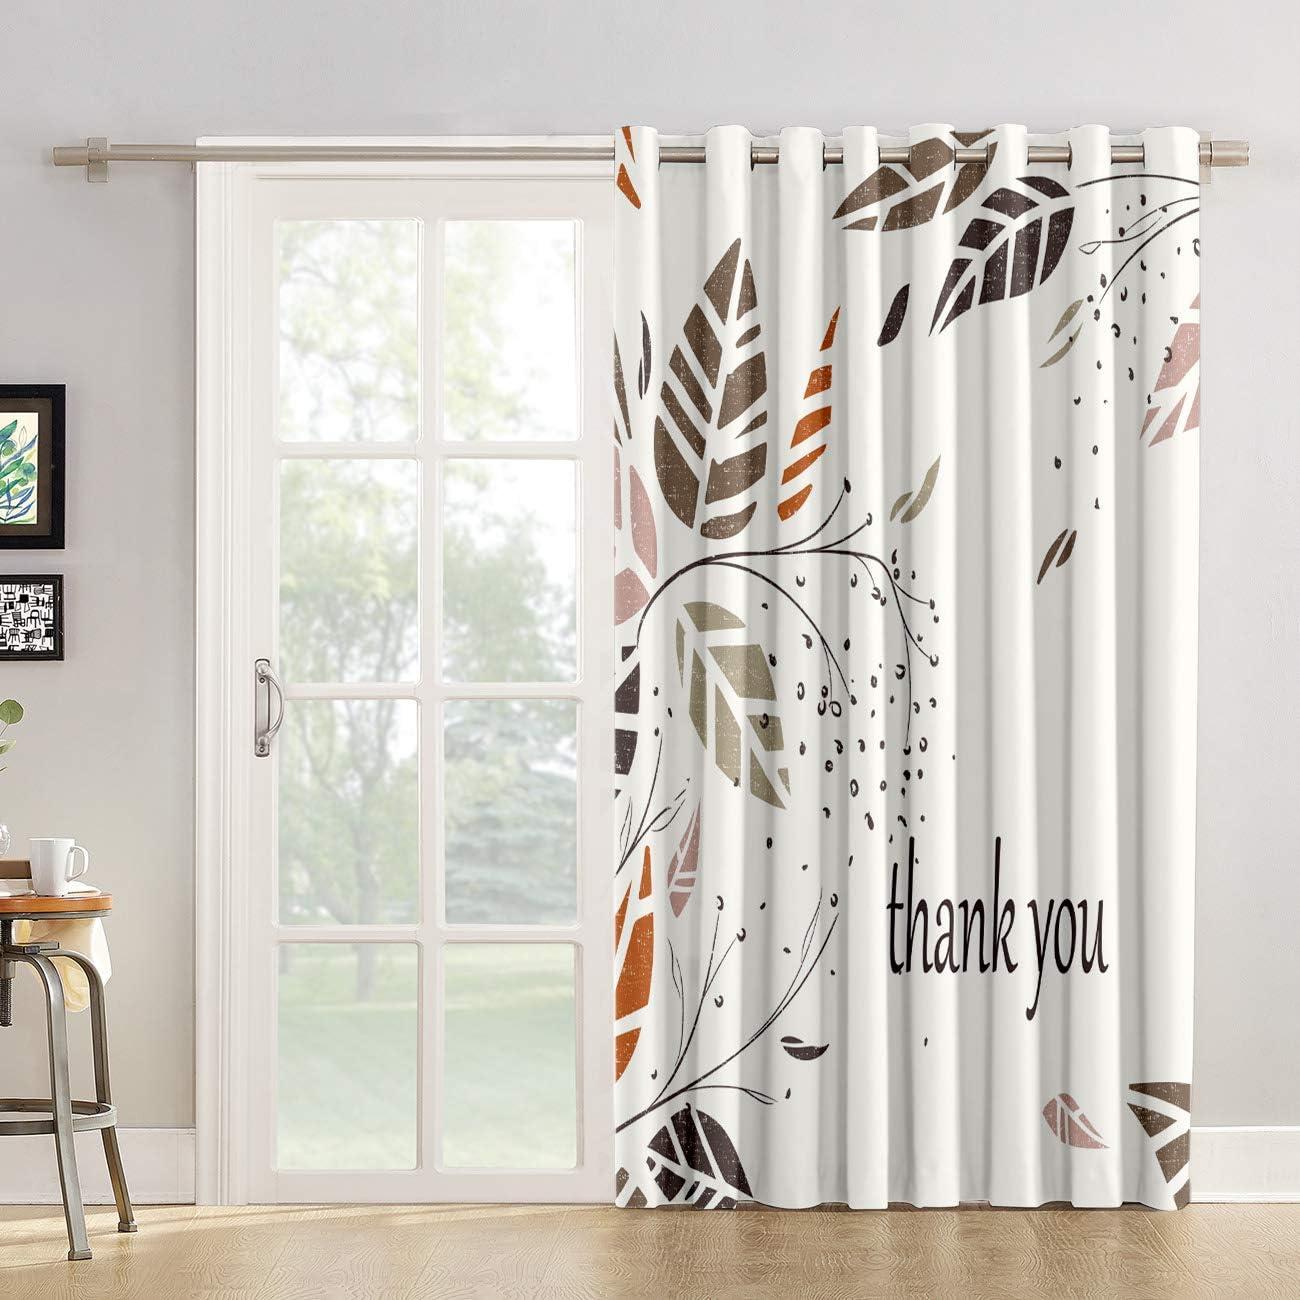 Cortinas de cocina para ventana de baño, chic, cortina de tela para sala de estar, dormitorio, hojas de otoño, día de Acción de Gracias, color blanco y negro para puerta corredera de